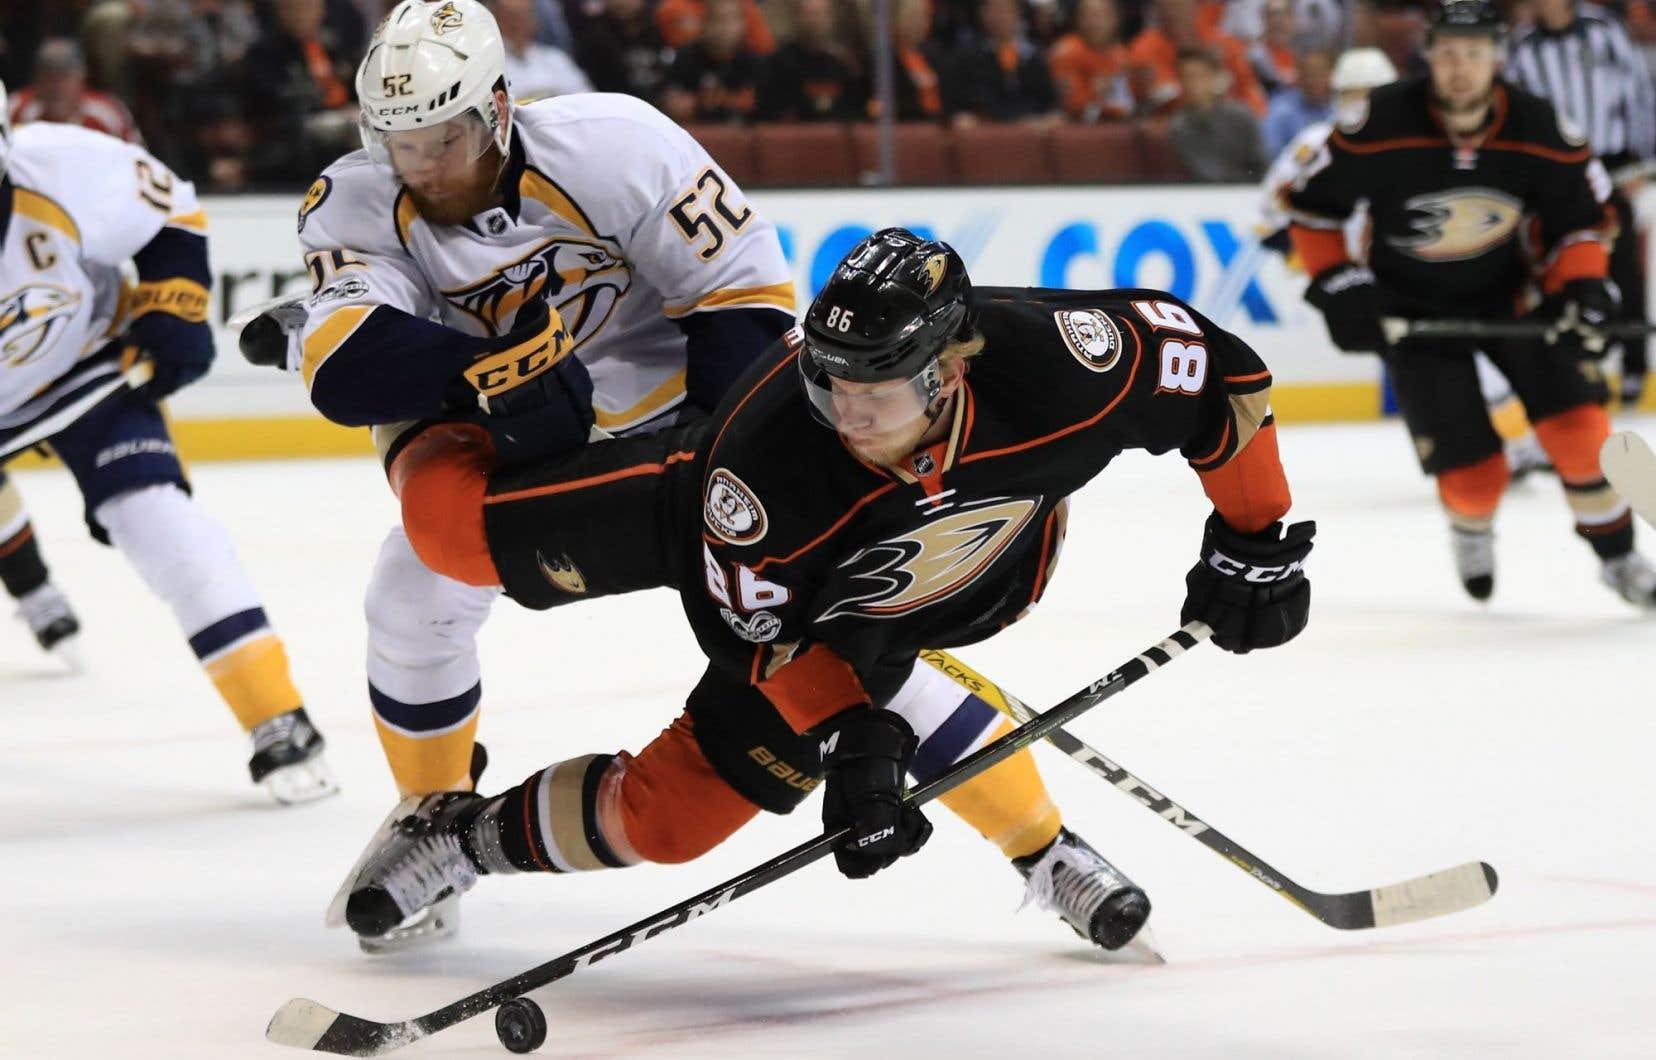 Jusqu'à présent, les Predators ont rivalisé avec les Ducks à presque tous les chapitres et possèdent encore l'avantage de la patinoire dans la série.